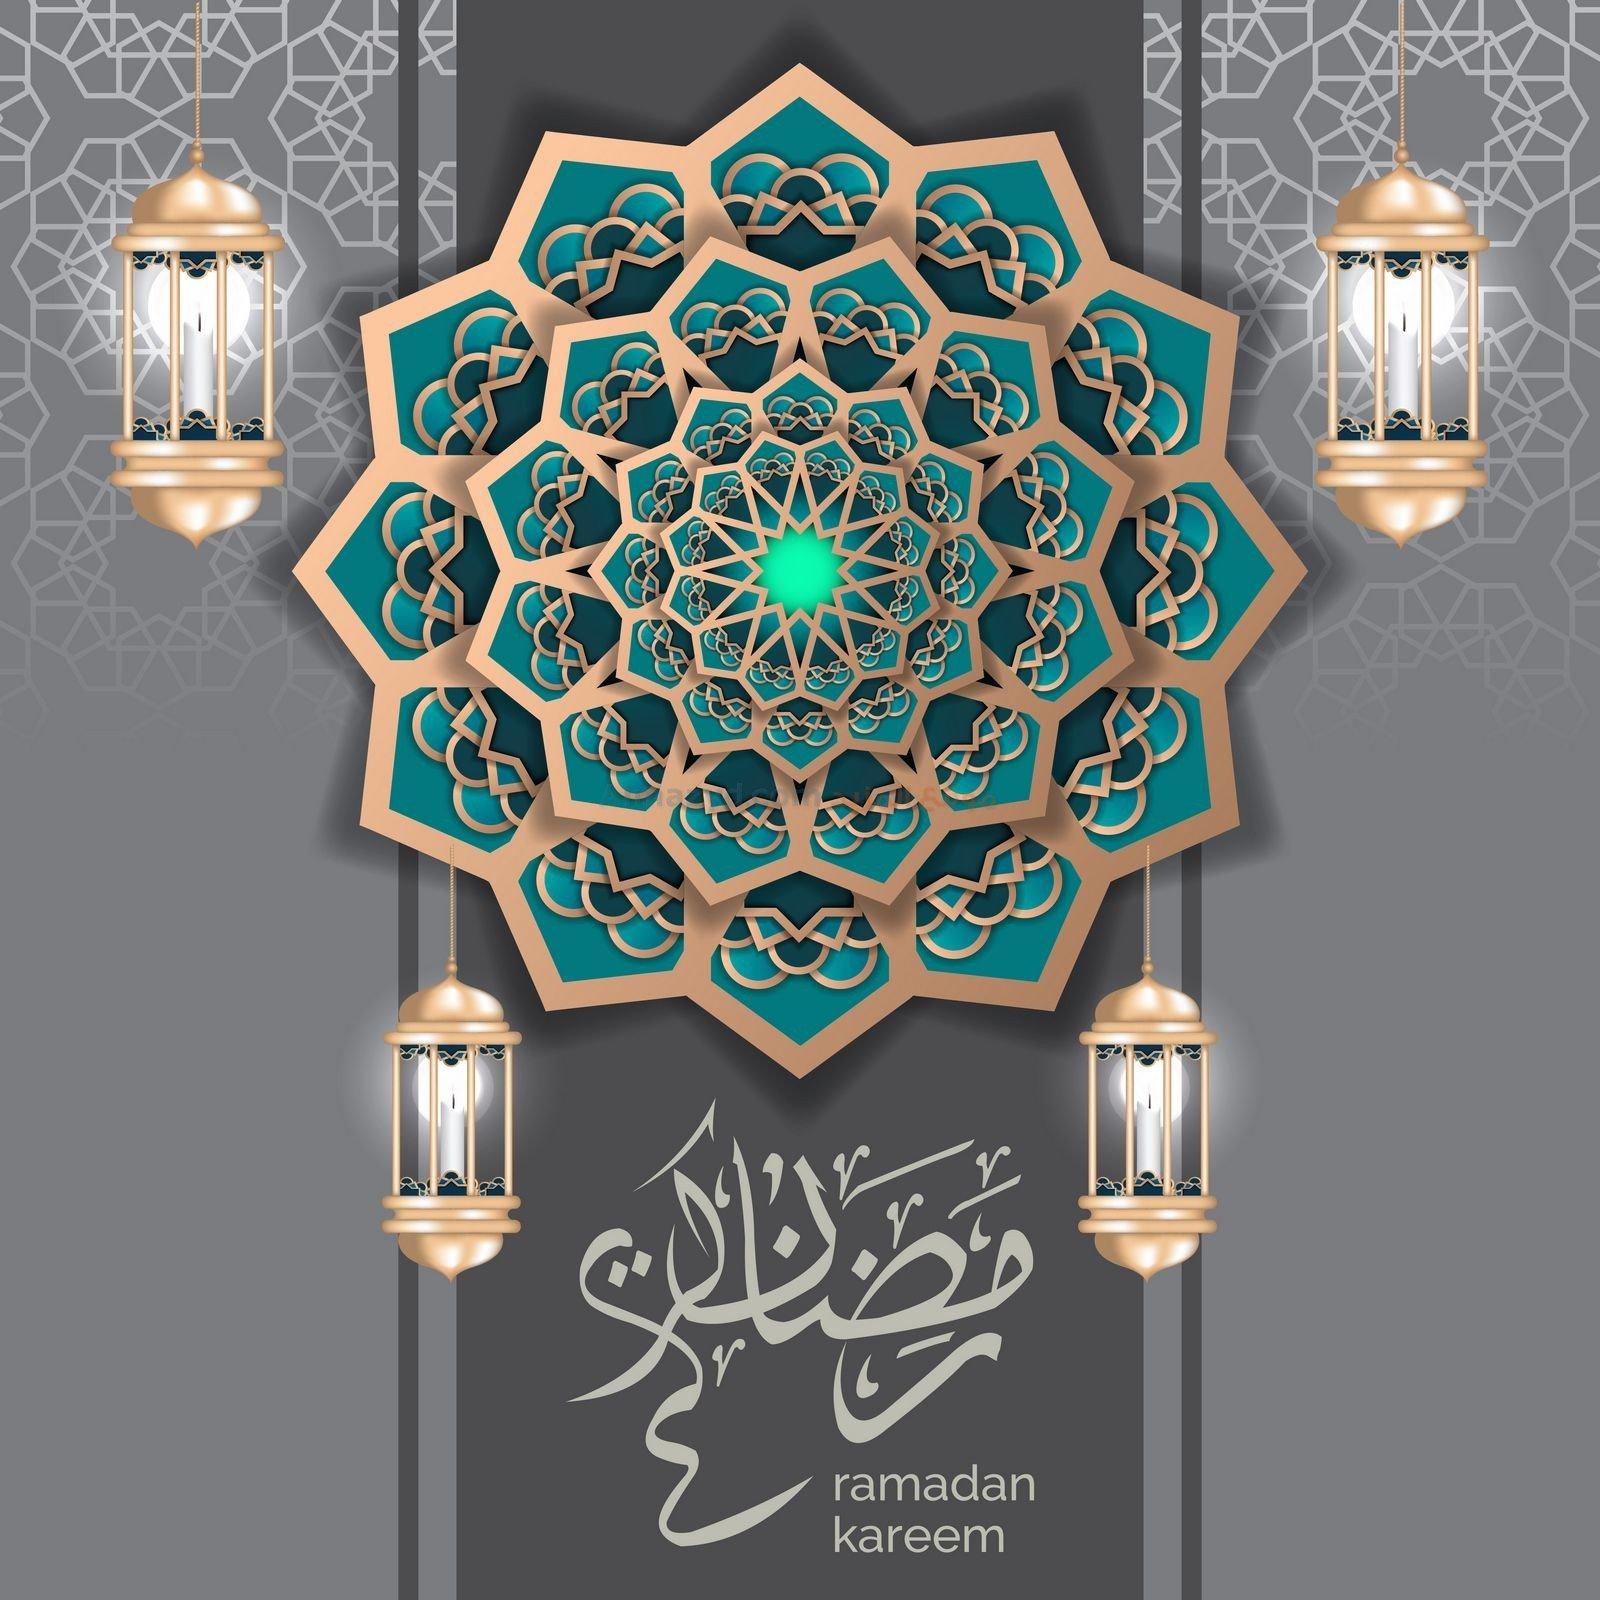 دعاء اليوم العاشر من رمضان تعرف على أفضل دعاء في رمضان